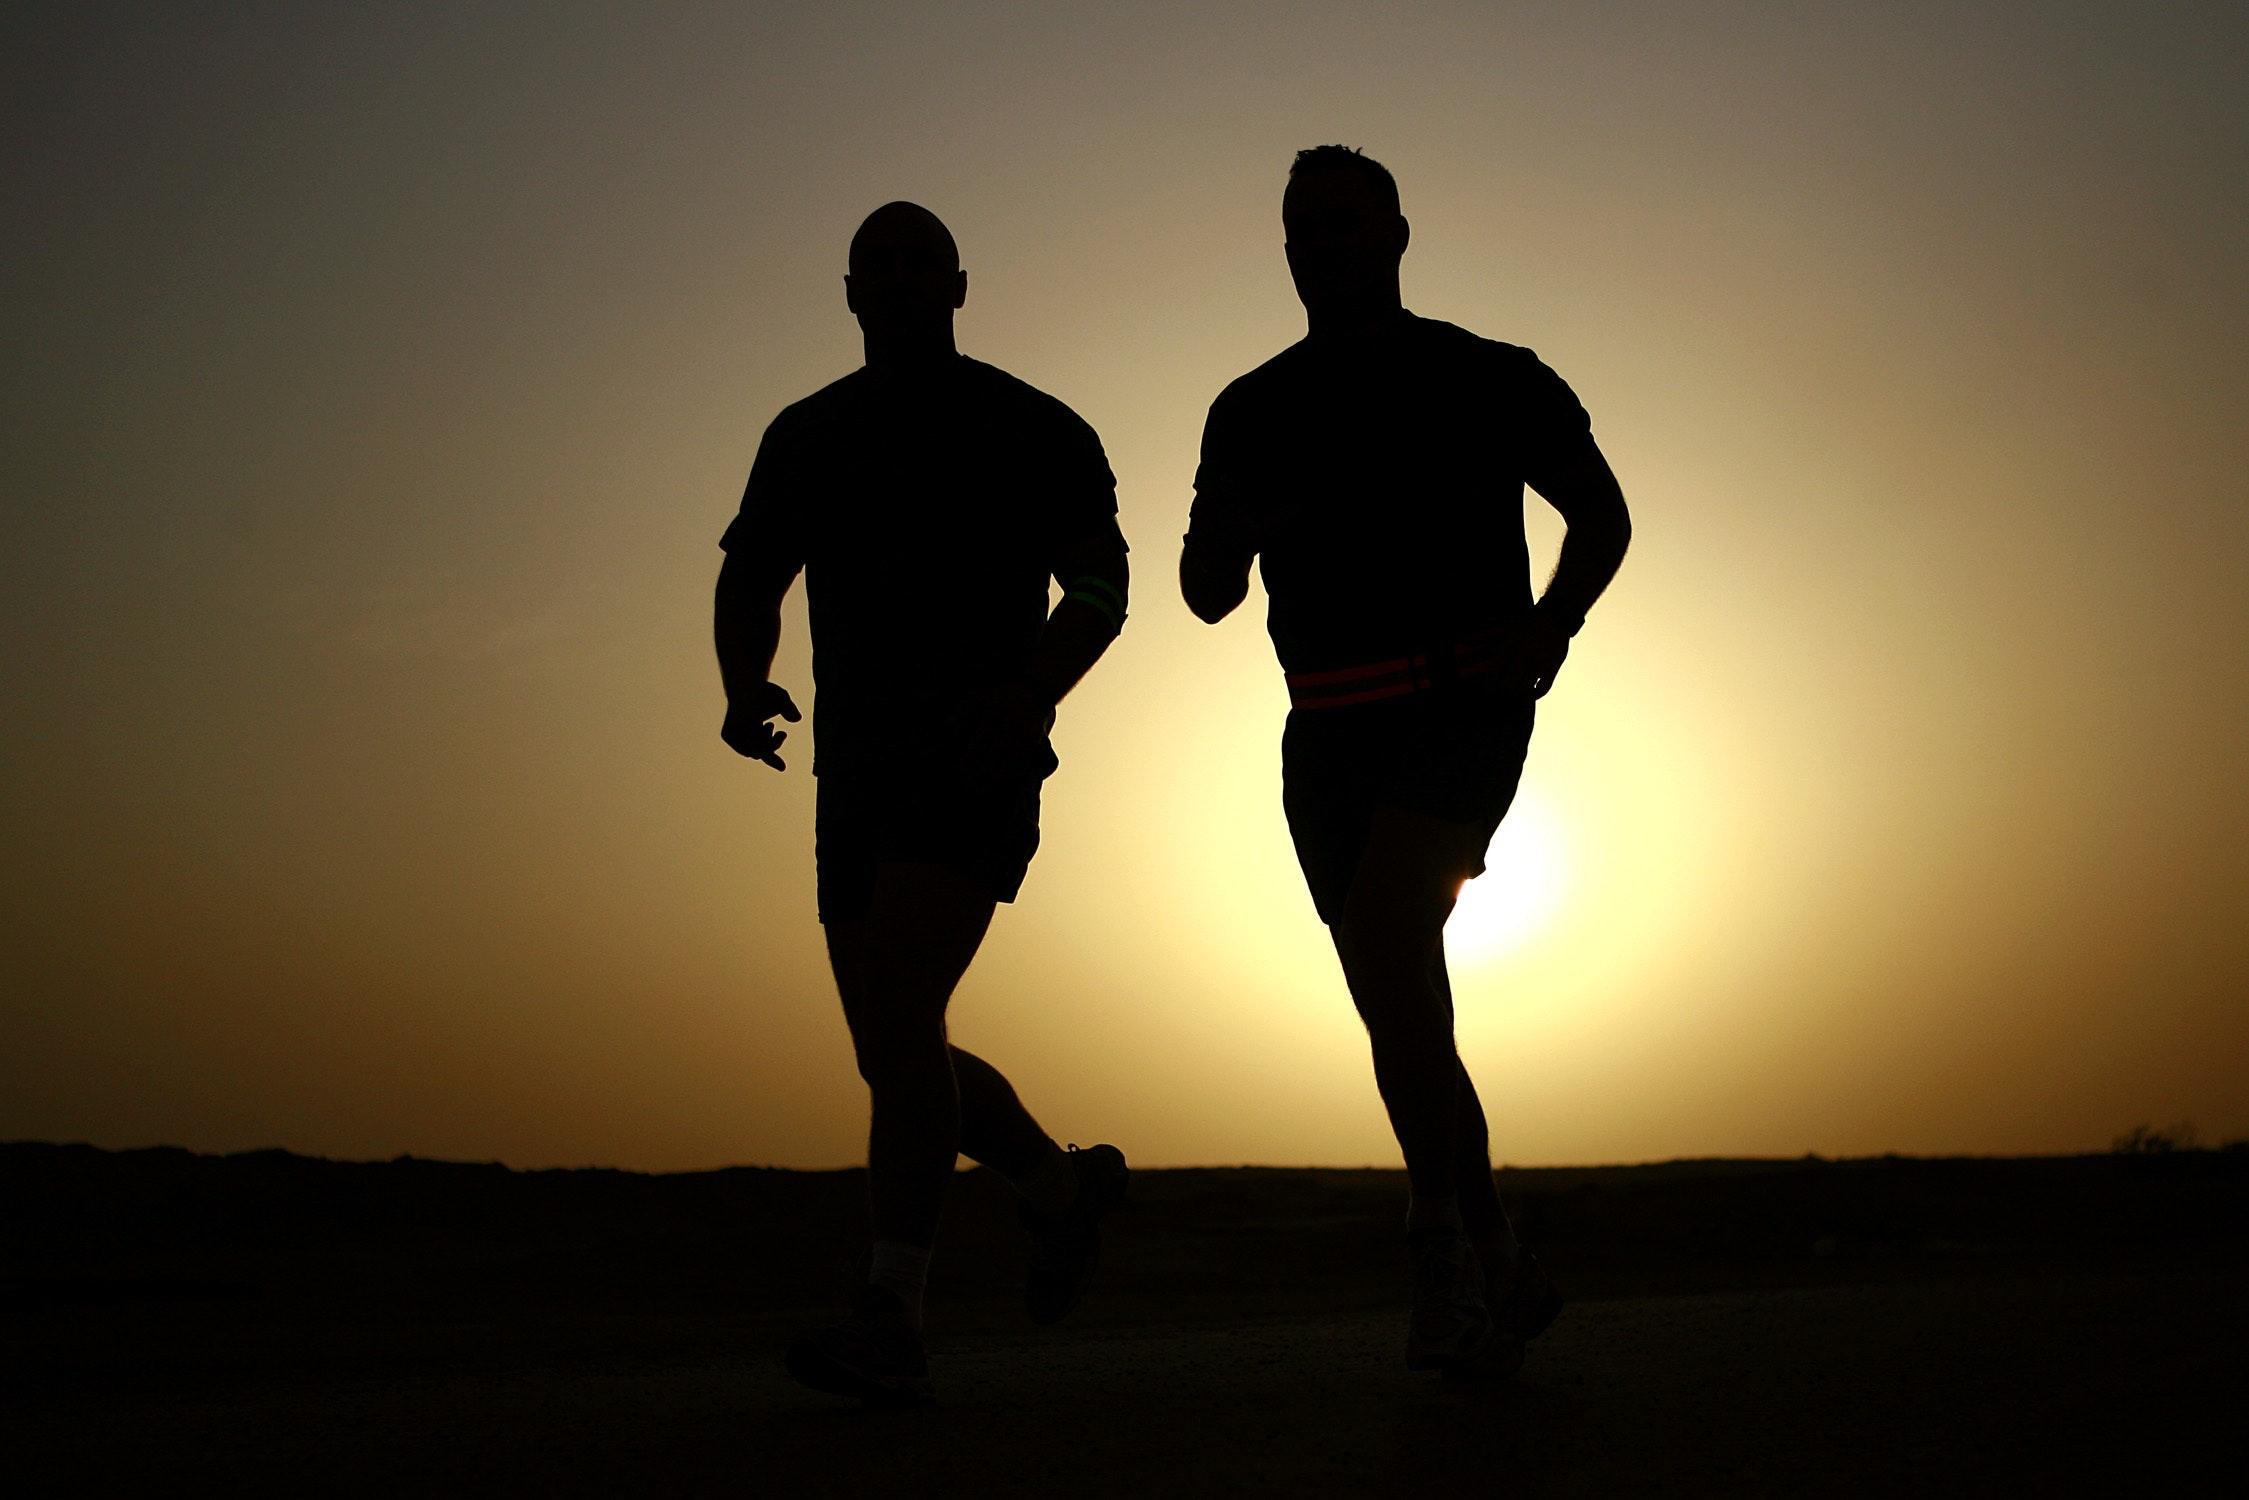 dawn-fitness-healthy-39308.jpg